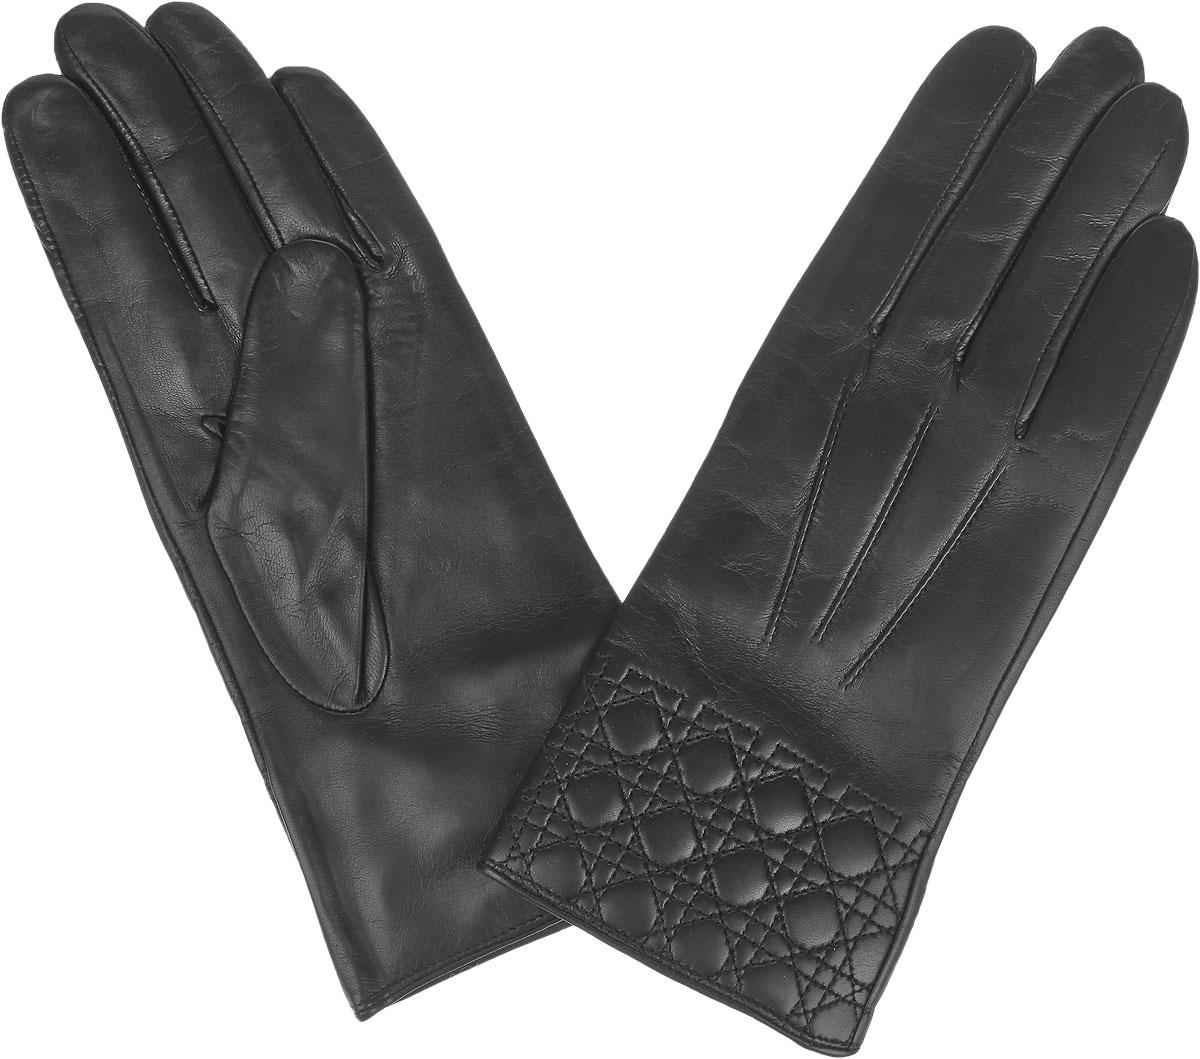 Перчатки женские Fabretti, цвет: черный. 9.72-1. Размер 79.72-1_blackЖенские перчатки Fabretti не только защитят ваши руки от холода, но и станут стильным дополнением вашего образа. Перчатки выполнены из натуральной кожи на подкладке из шерсти с добавлением кашемира. Лицевую сторону изделия украшает декоративная отсрочка.Перчатки Fabrettiстанут завершающим и подчеркивающим элементом вашего стиля.